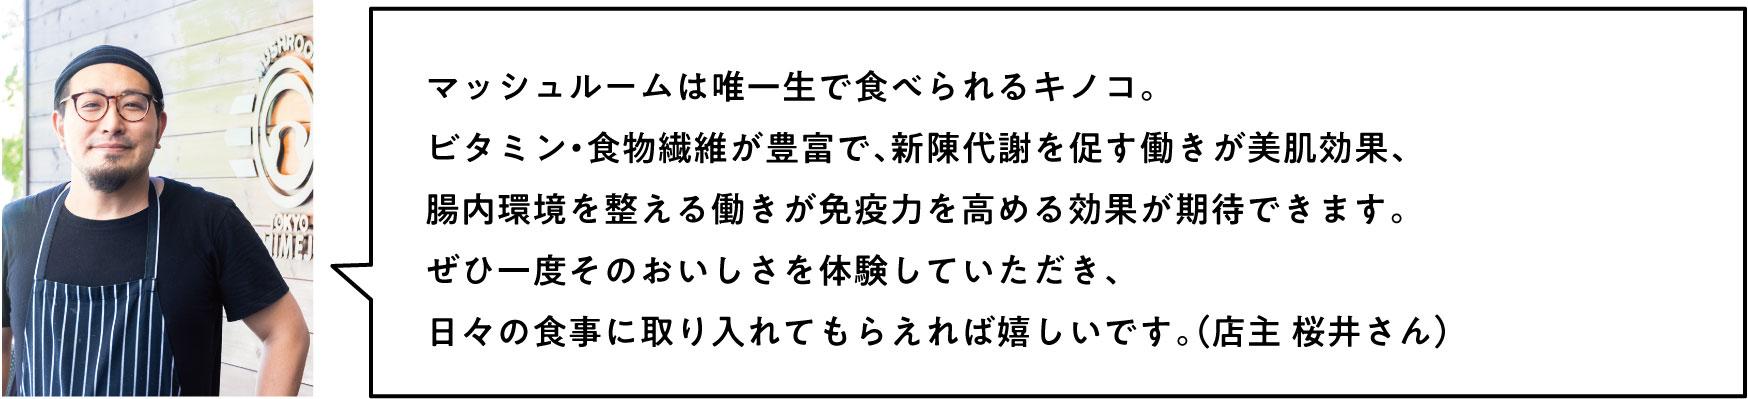 kenkou13